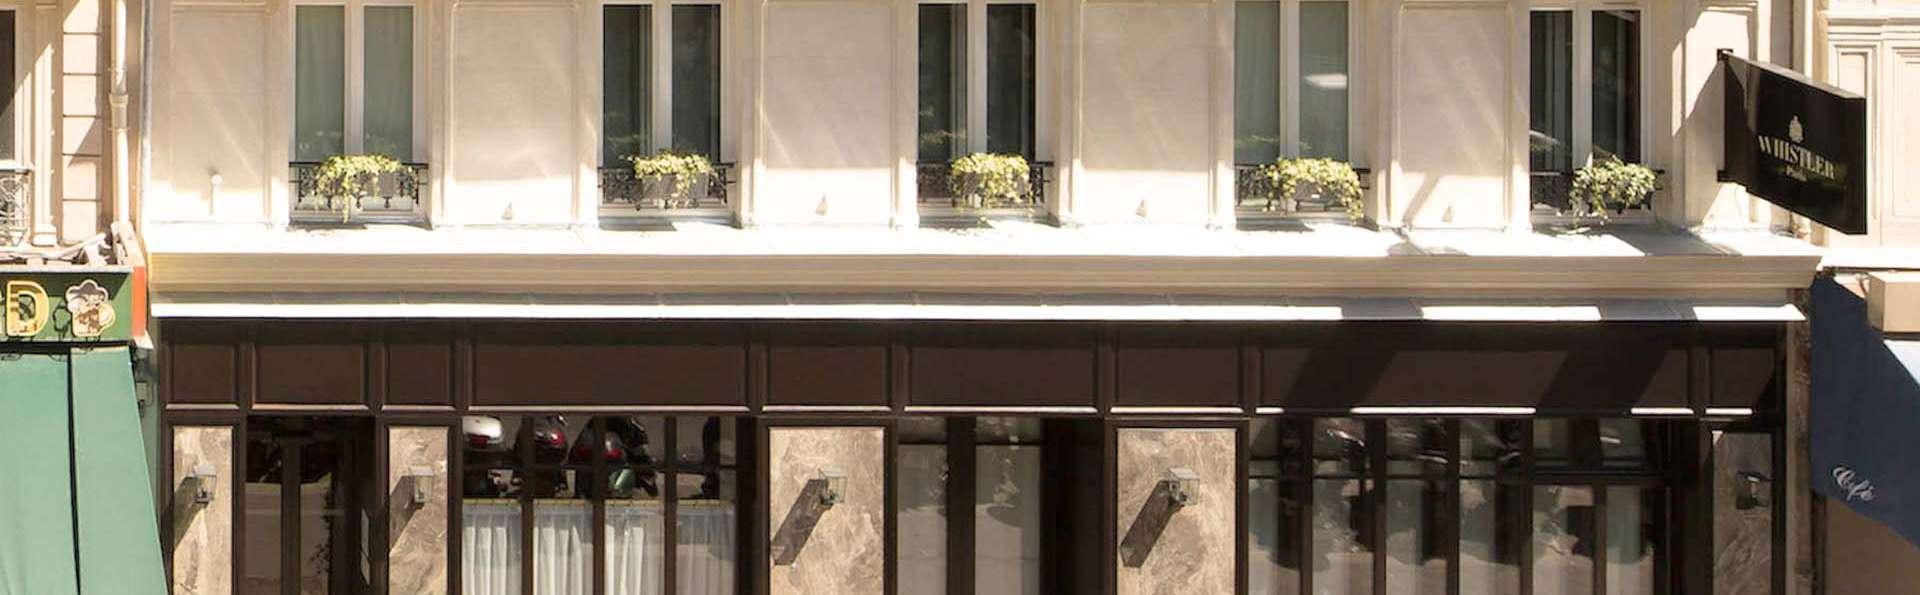 Hôtel Whistler - EDIT_FRONT_02.jpg